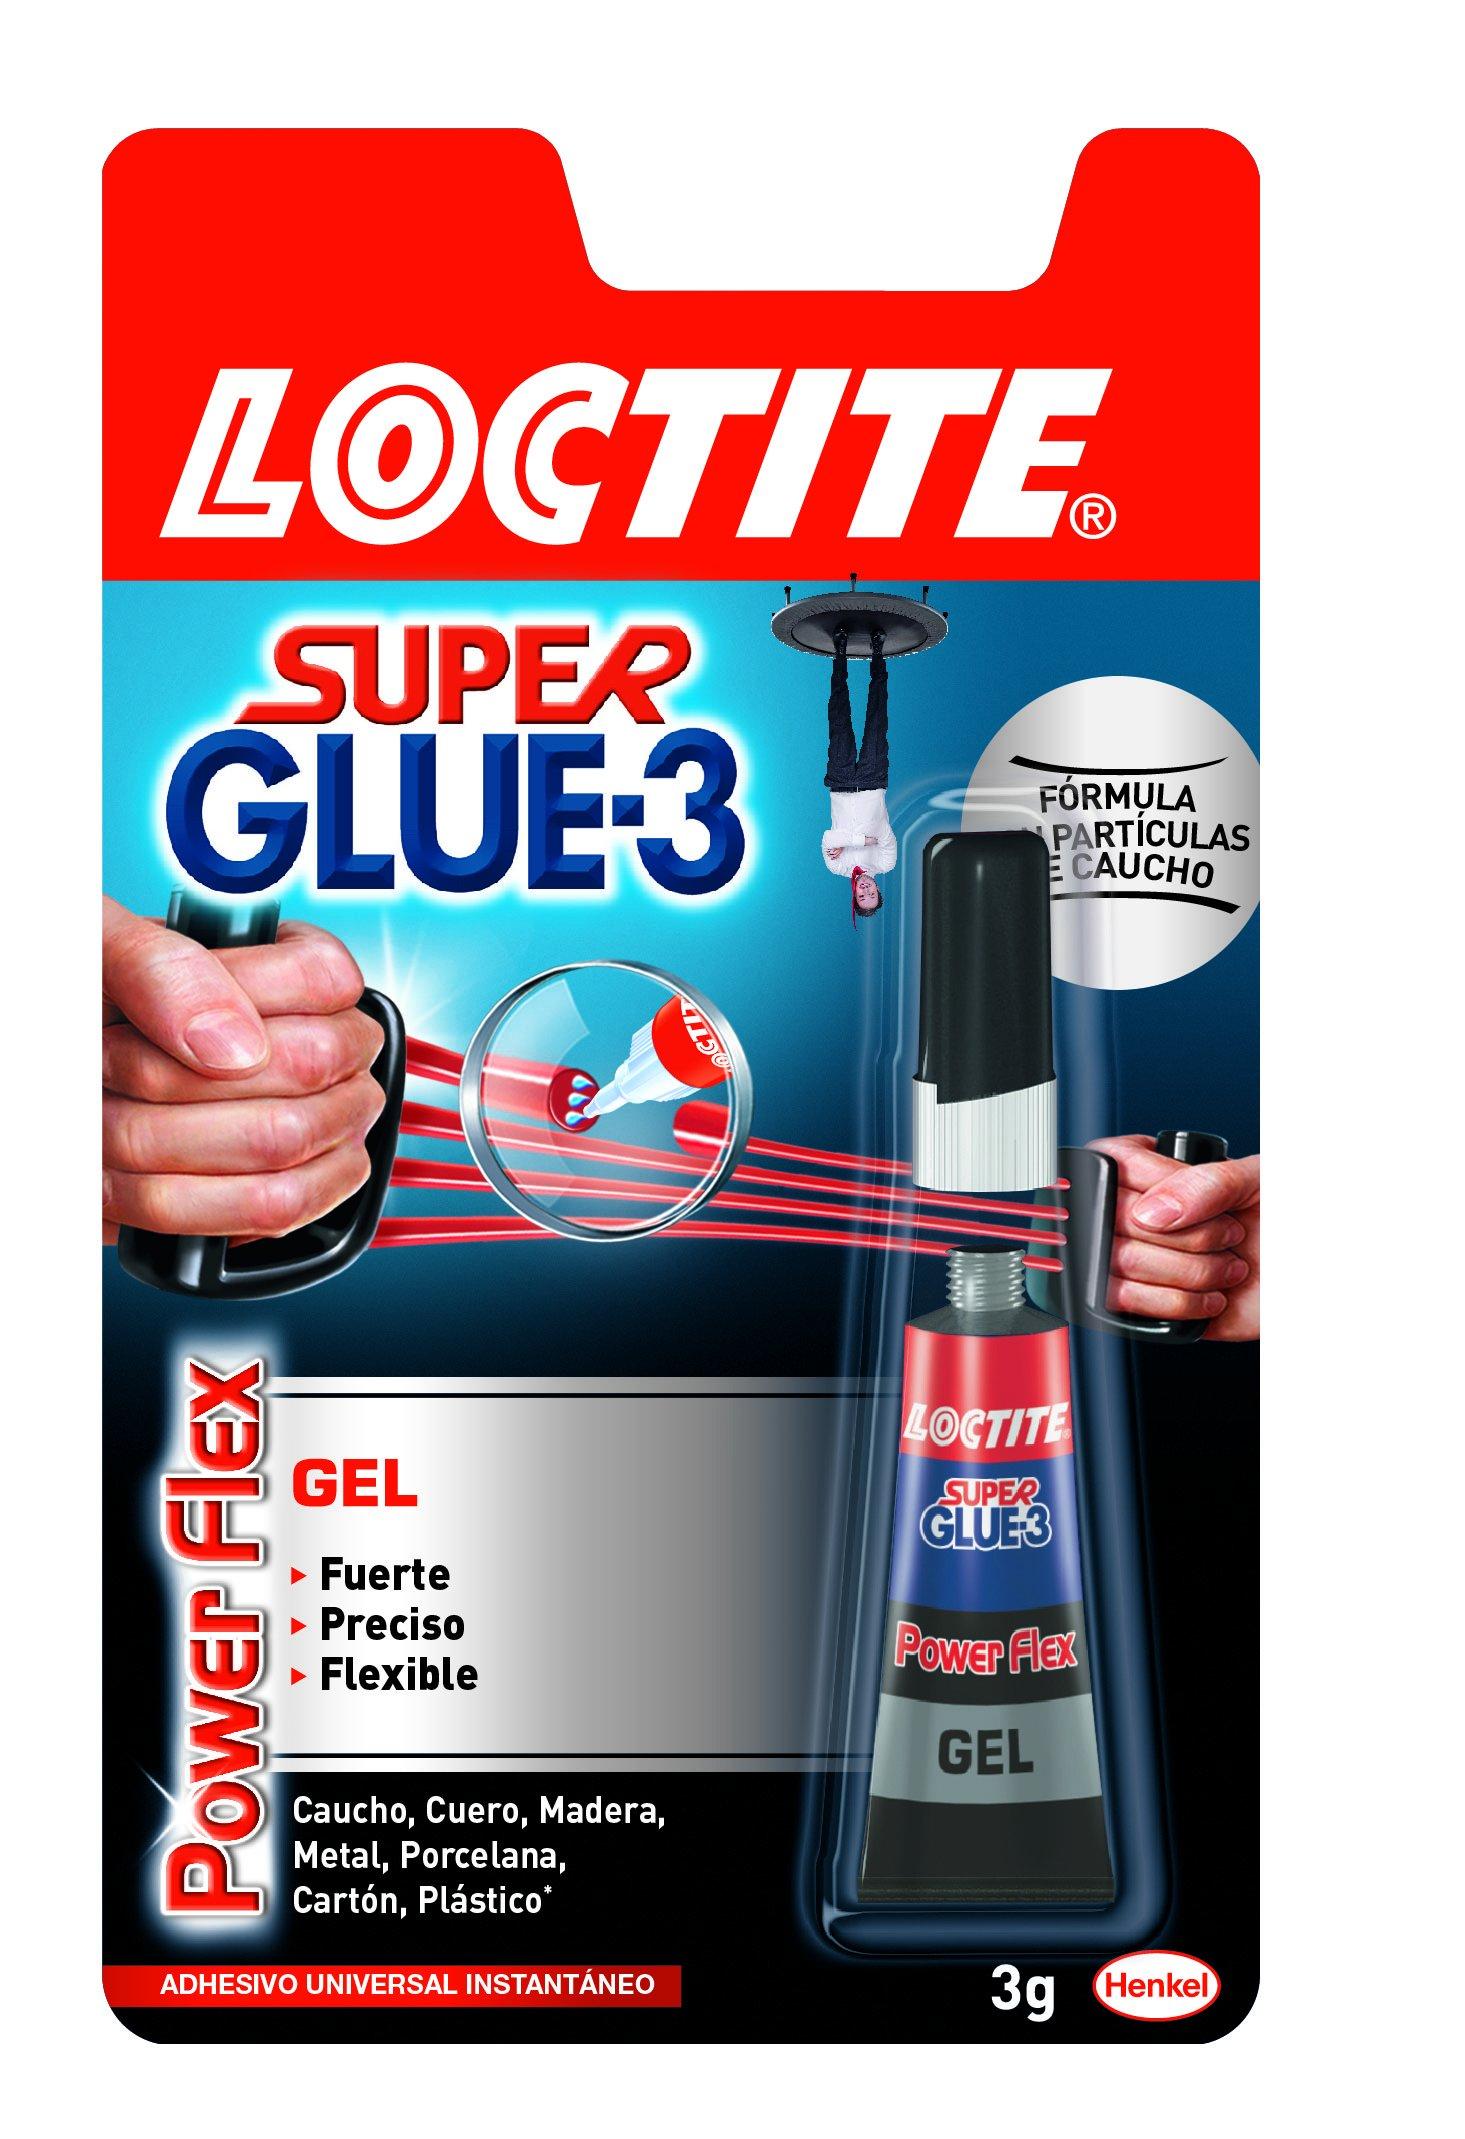 Loctite Super Glue-3 Power Flex, gel adhesivo flexible y resistente, pegamento instantáneo